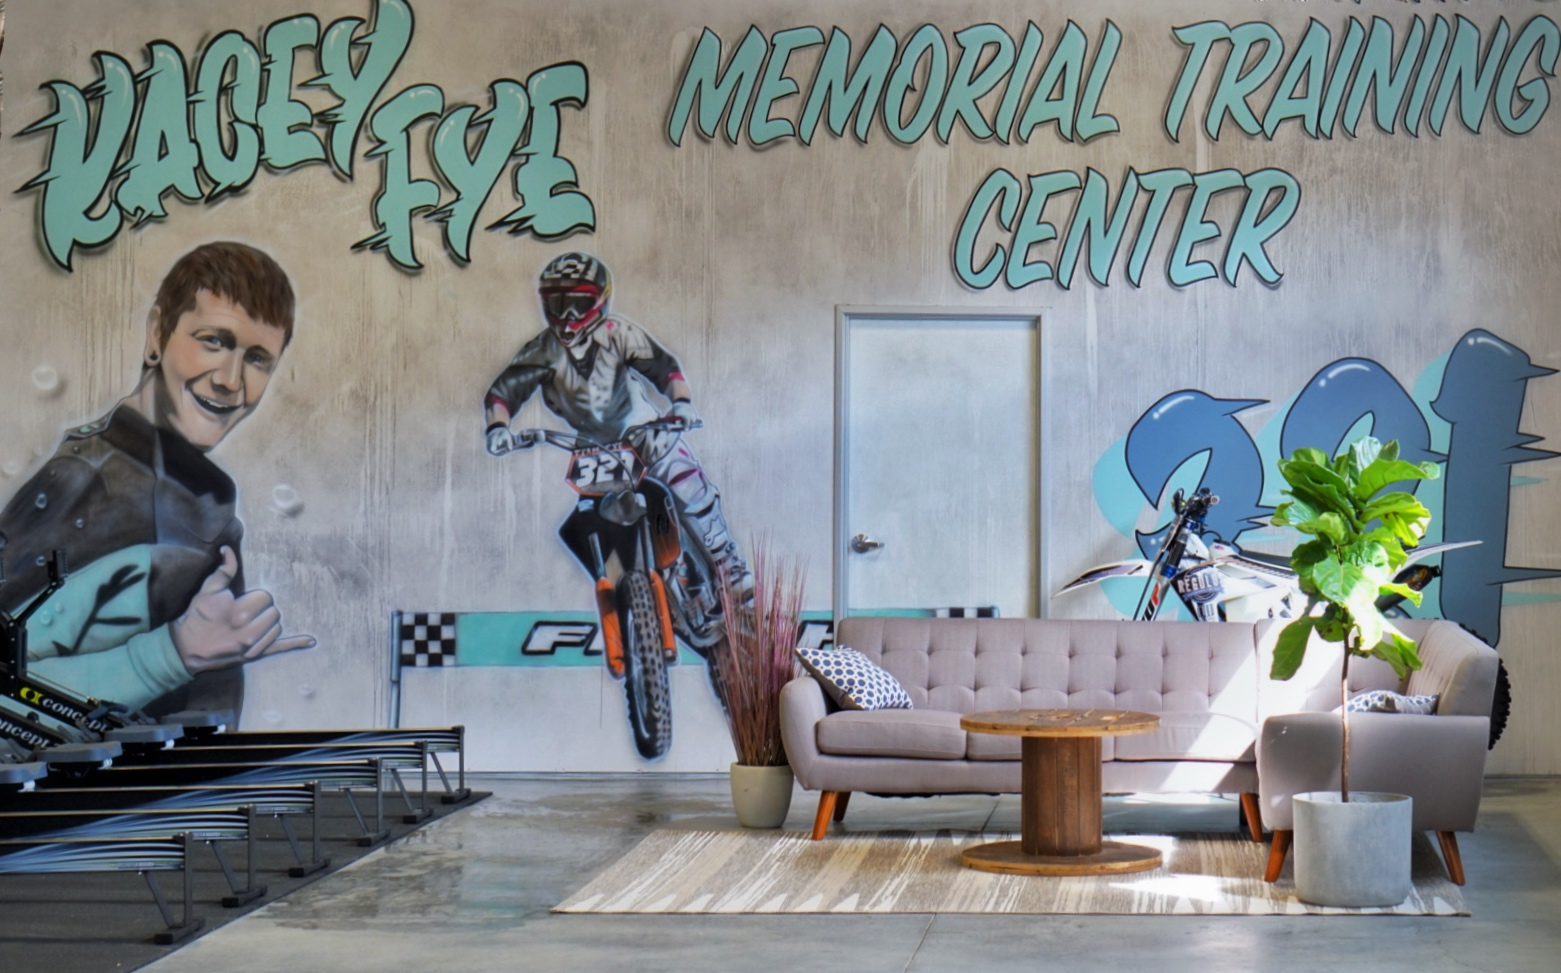 The Kacey Fye Memorial Training Center Mural - Darin Stockwell, 2019